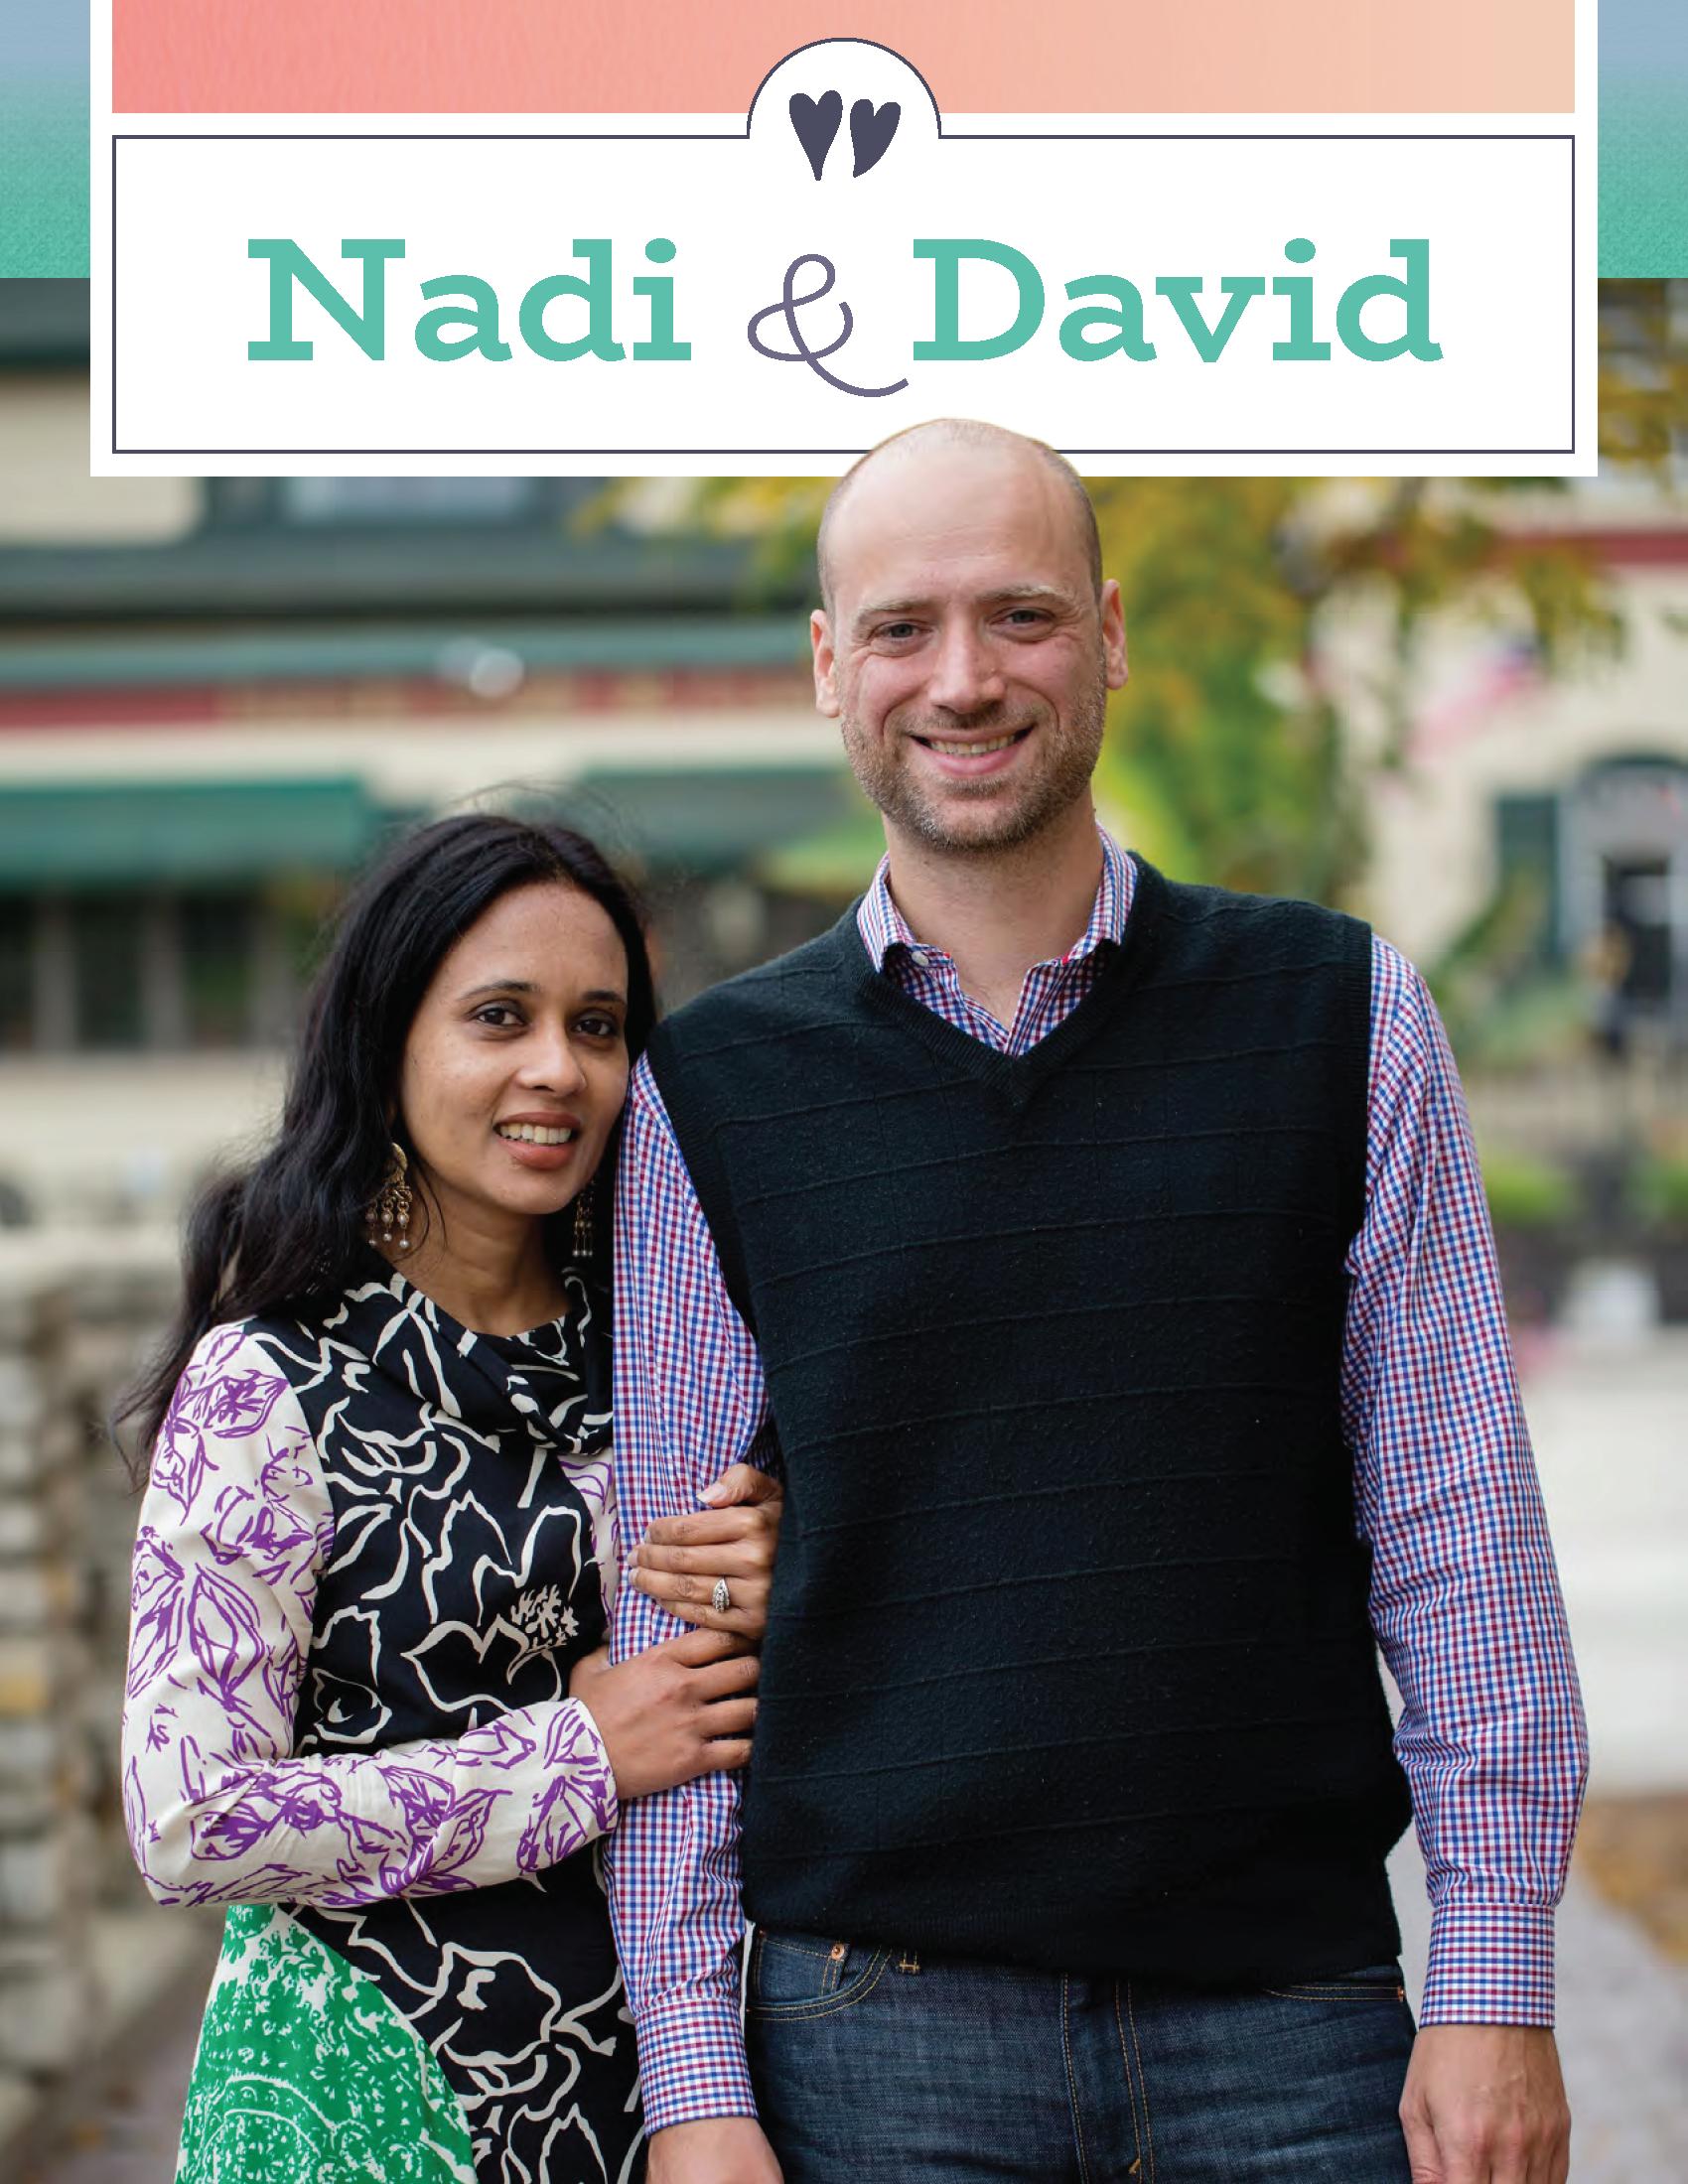 Nadi & David